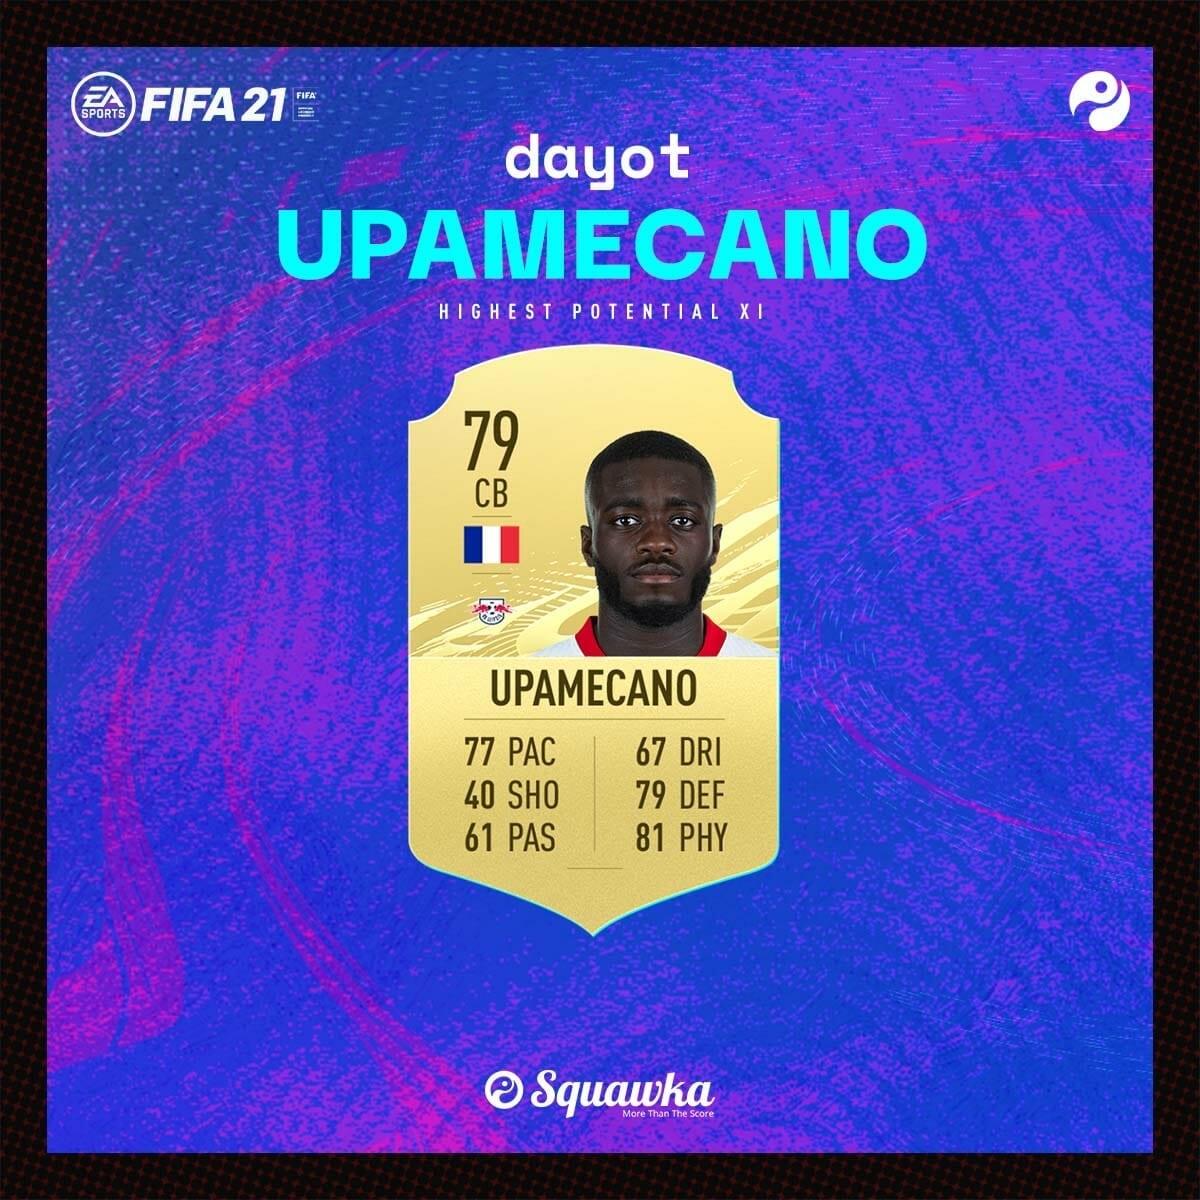 Trung vệ: Dayot Upamecano - Chỉ số ban đầu: 79 - Tiềm năng phát triển: 90